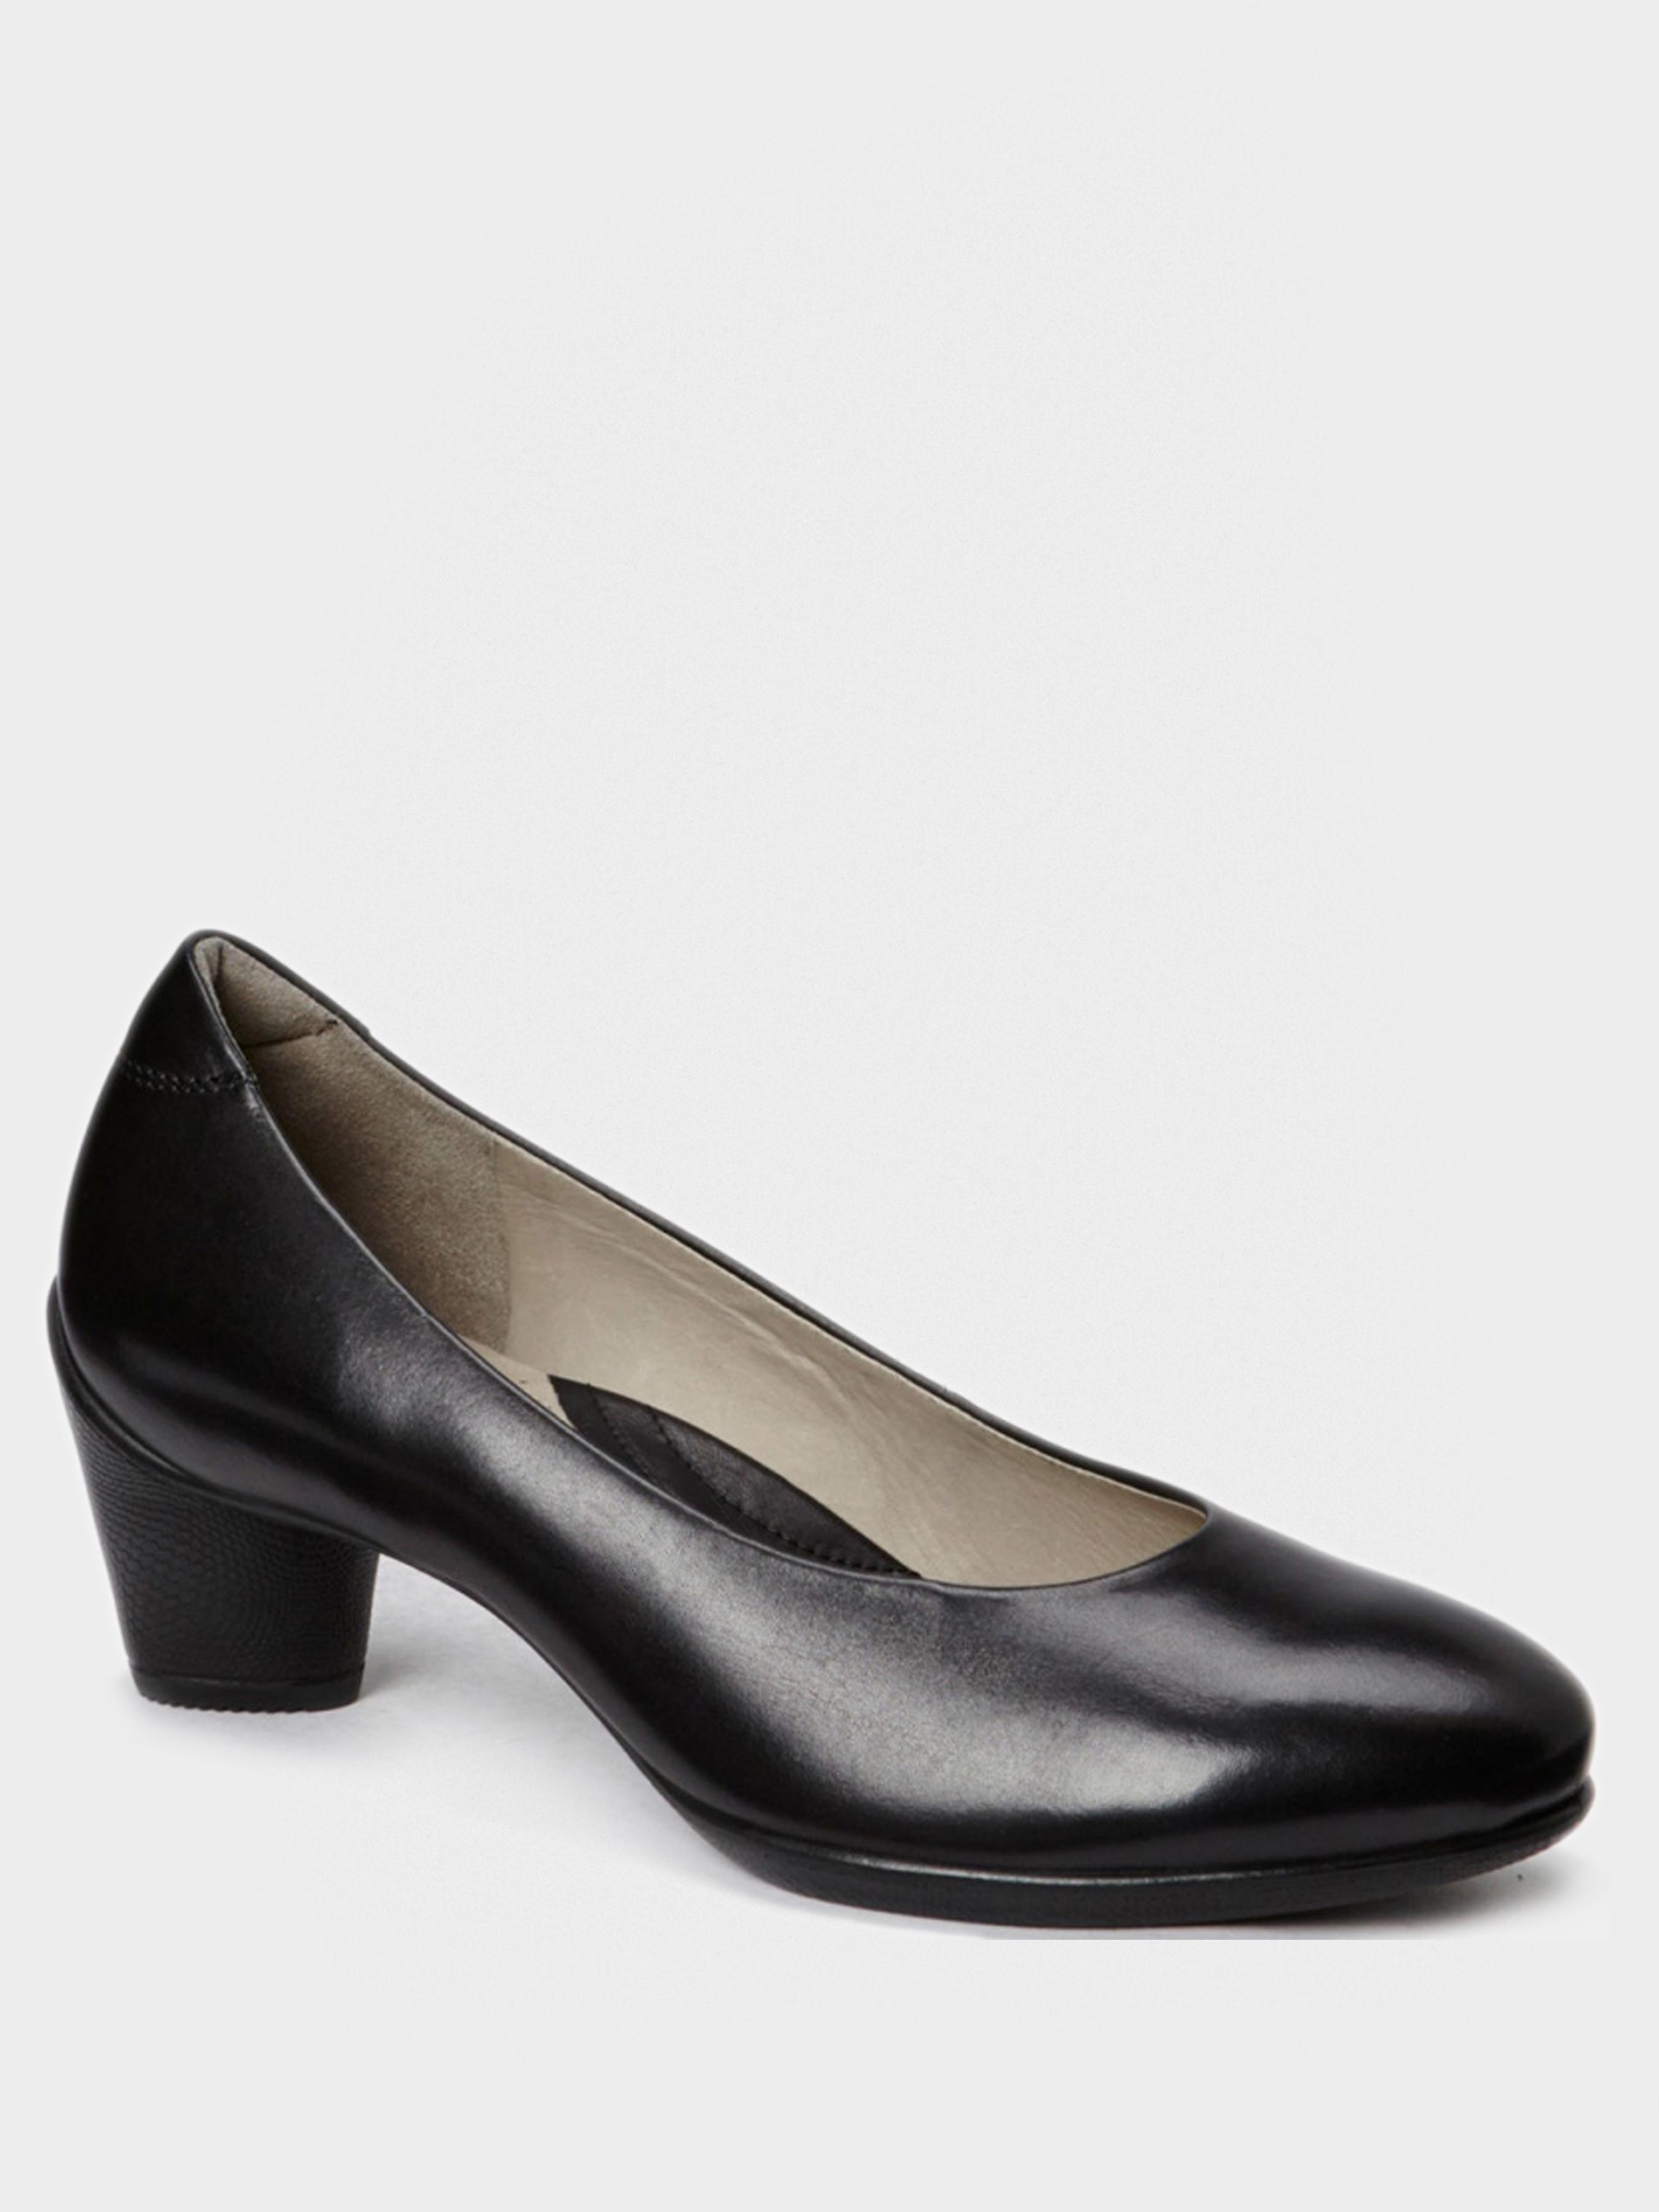 жіночі туфлі ecco sculptured 45 ZW4726 шкіряні